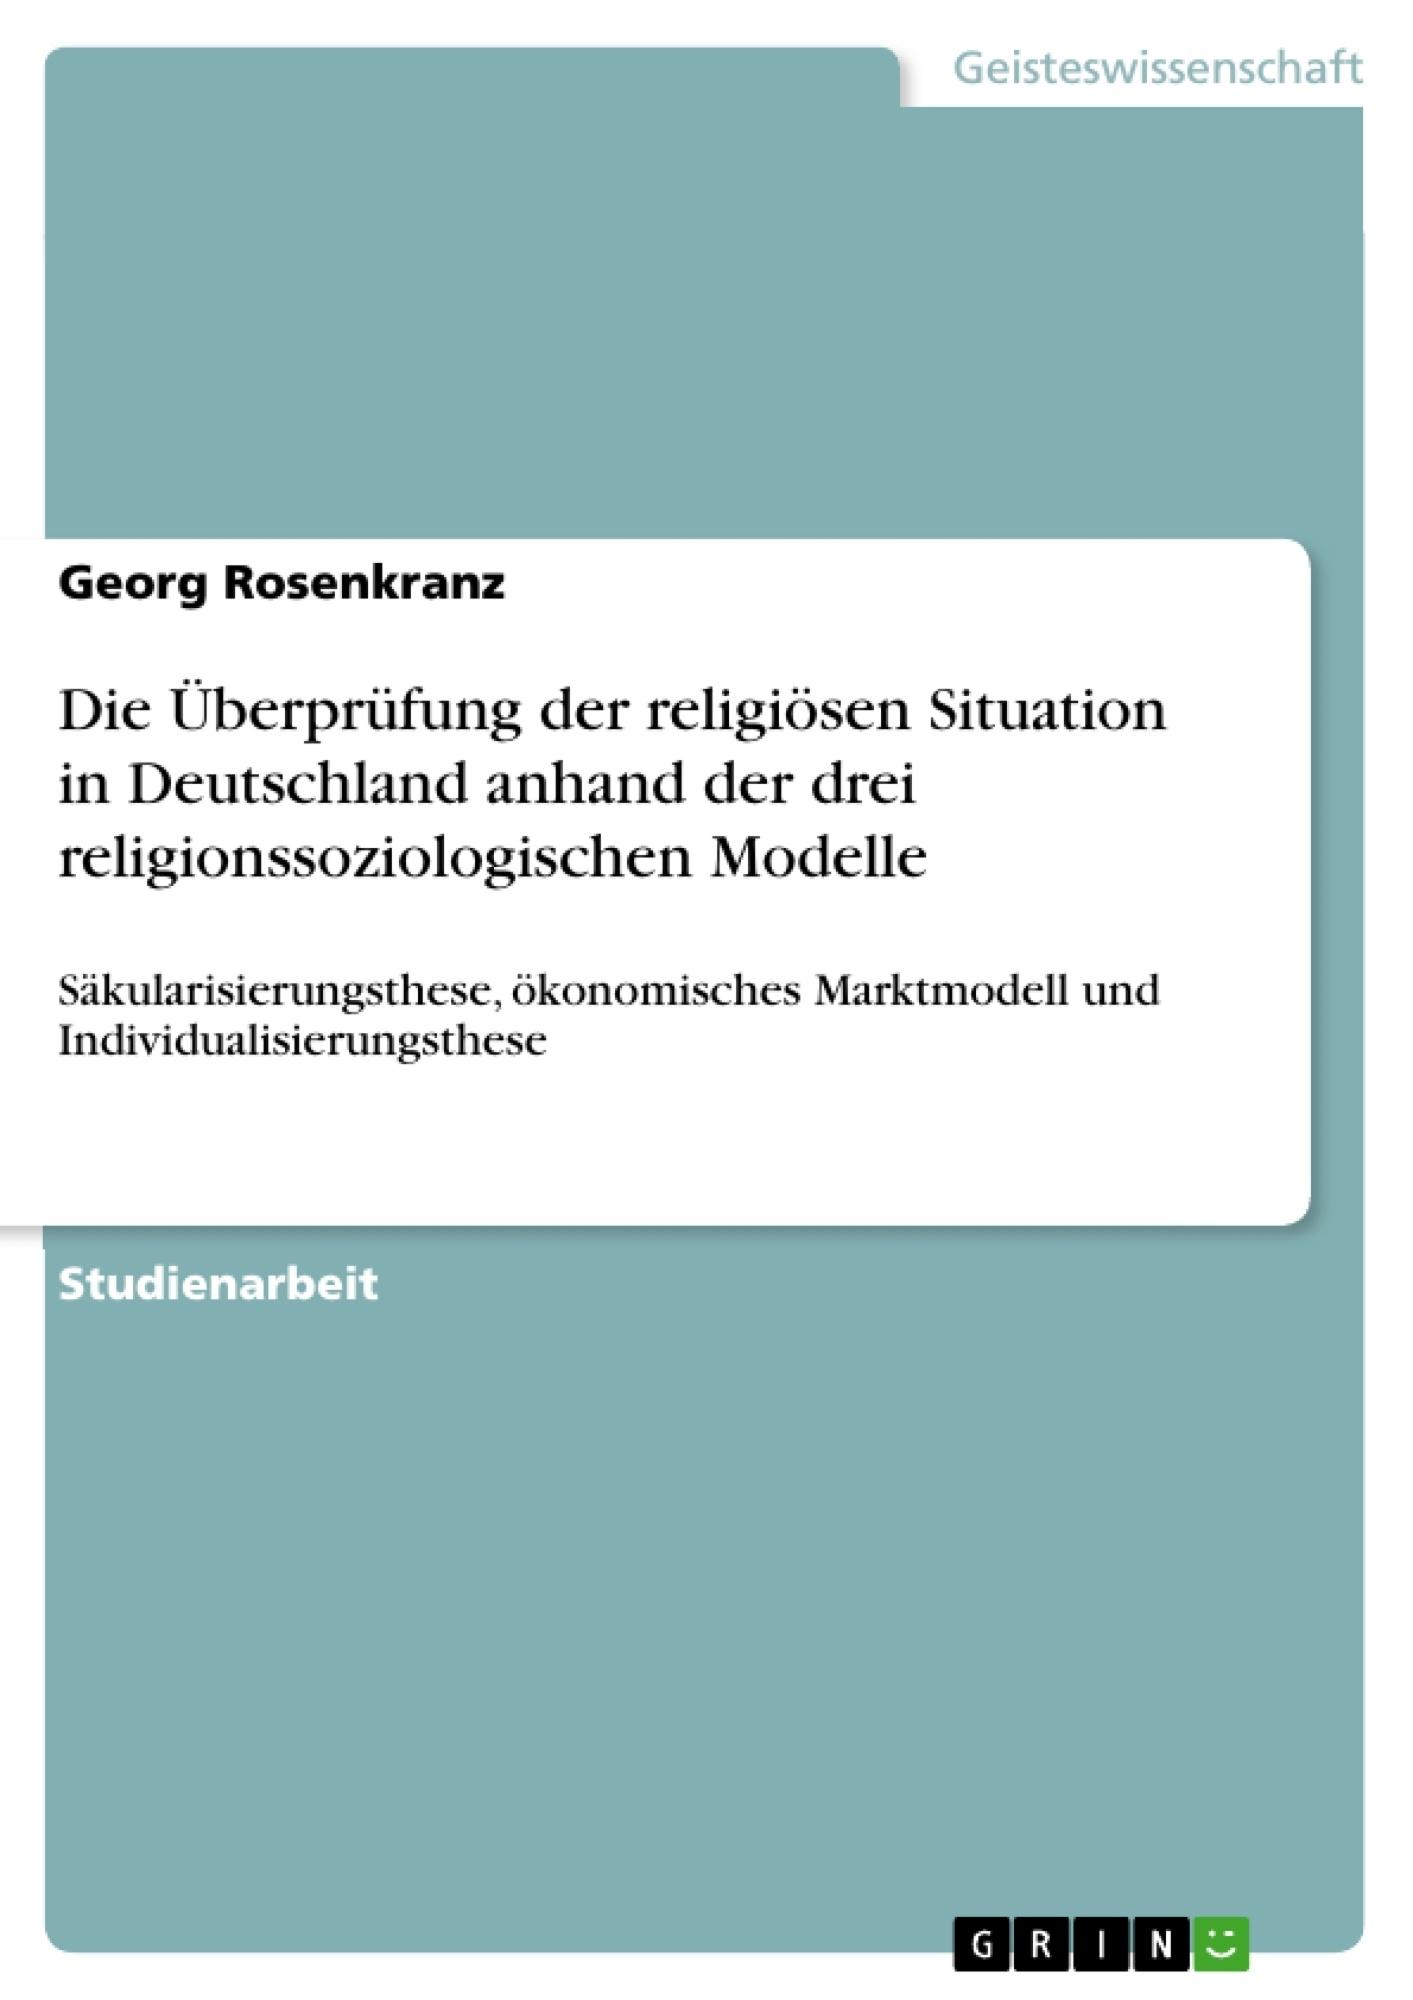 Titel: Die Überprüfung der religiösen Situation in Deutschland anhand der drei religionssoziologischen Modelle